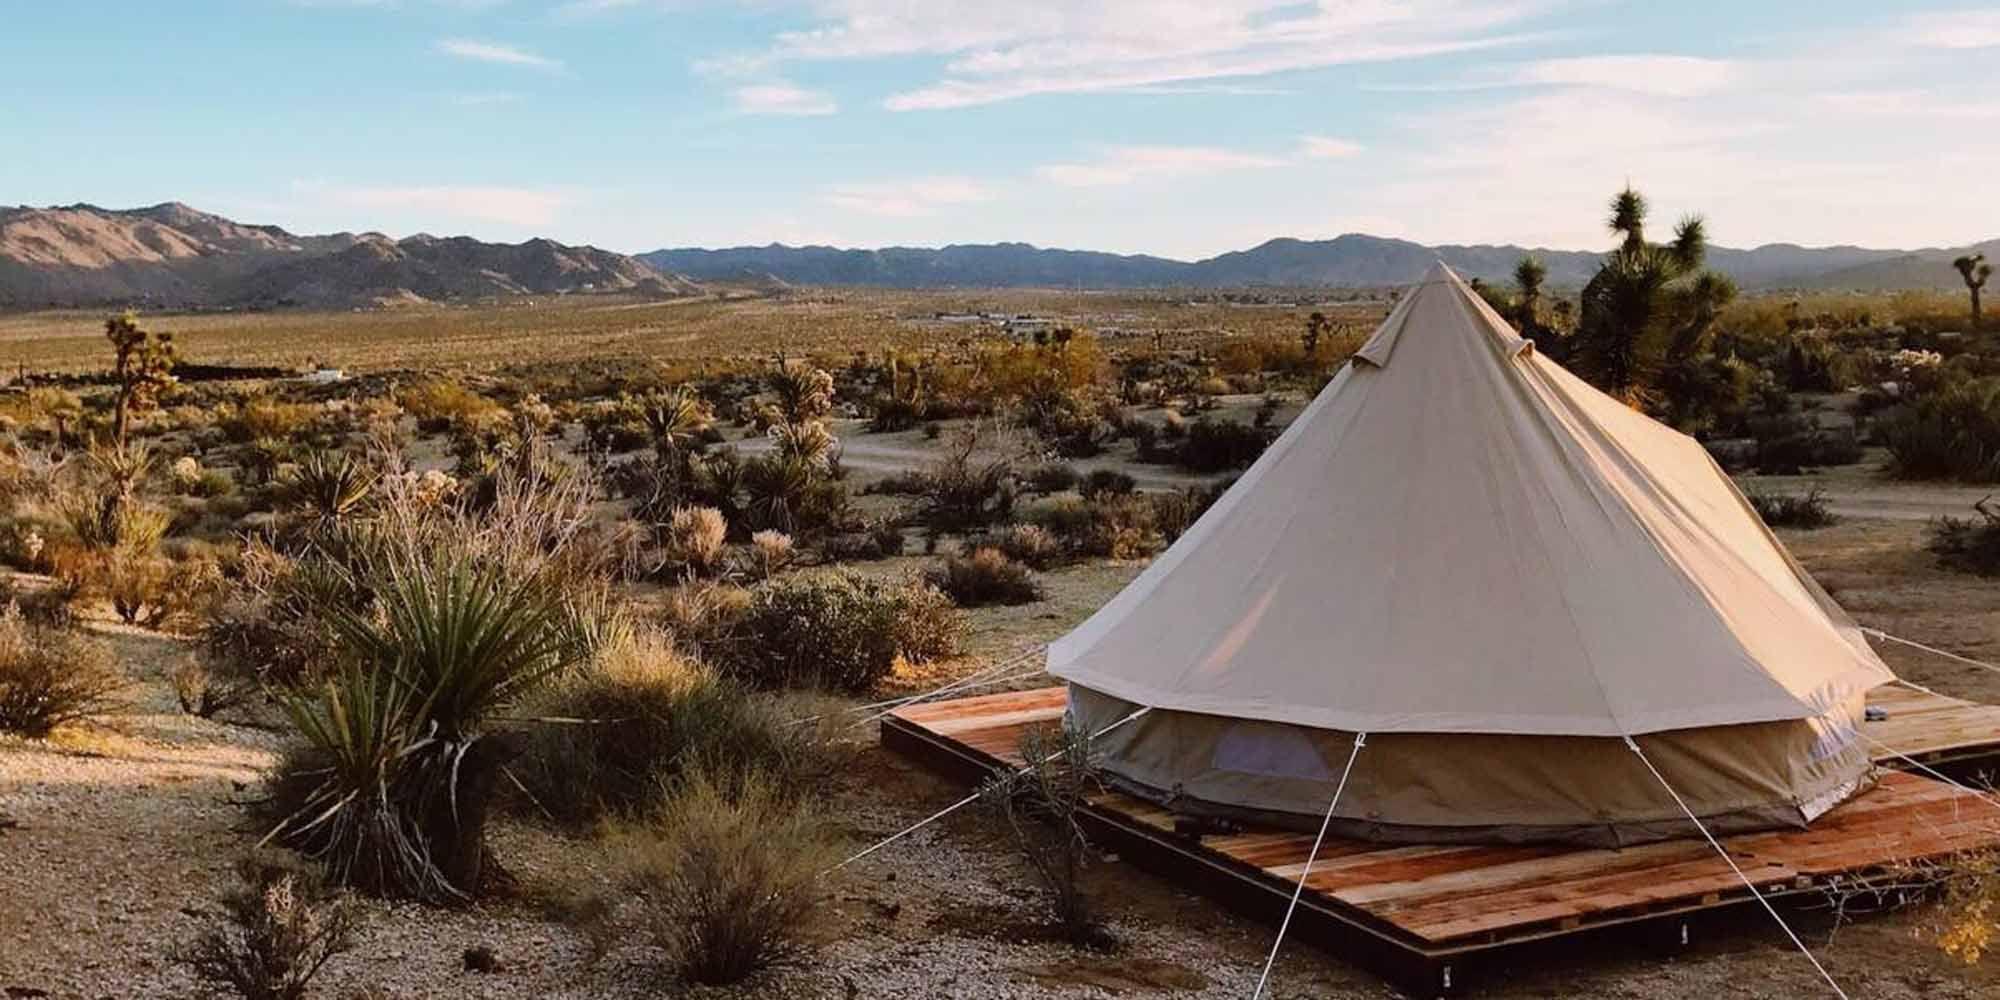 De gaafste glampings van Airbnb